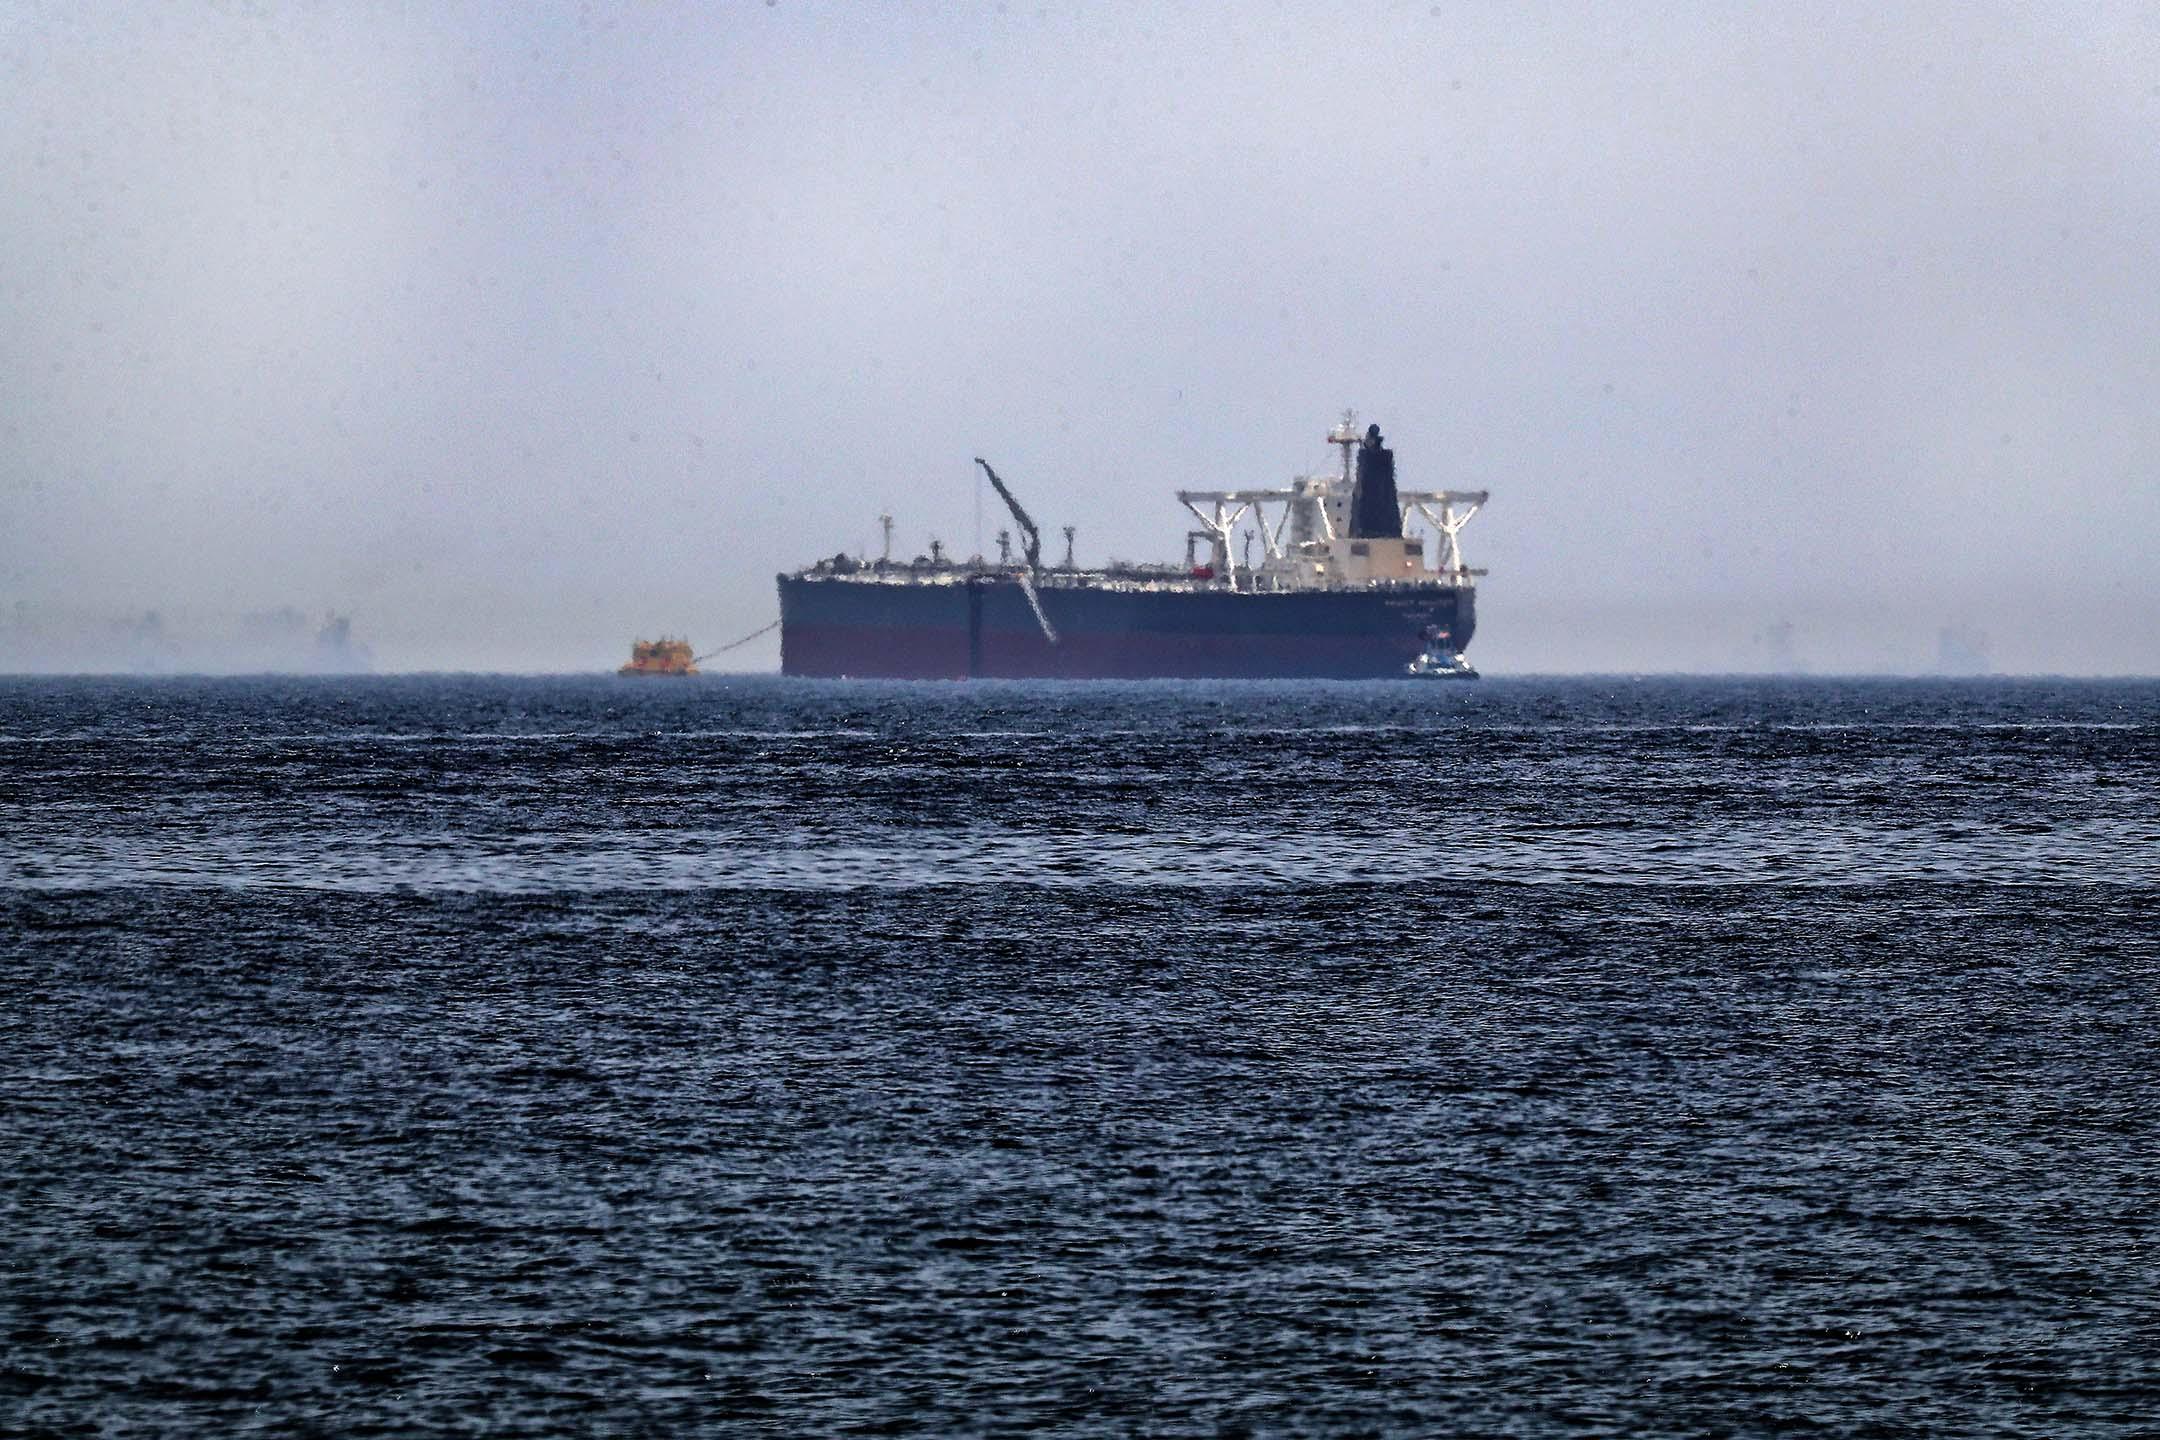 """2019年5月13日,原油油輪Amjad,據報在富查伊拉海灣酋長國海岸遭受""""破壞襲擊""""的兩艘沙特油輪之一。"""